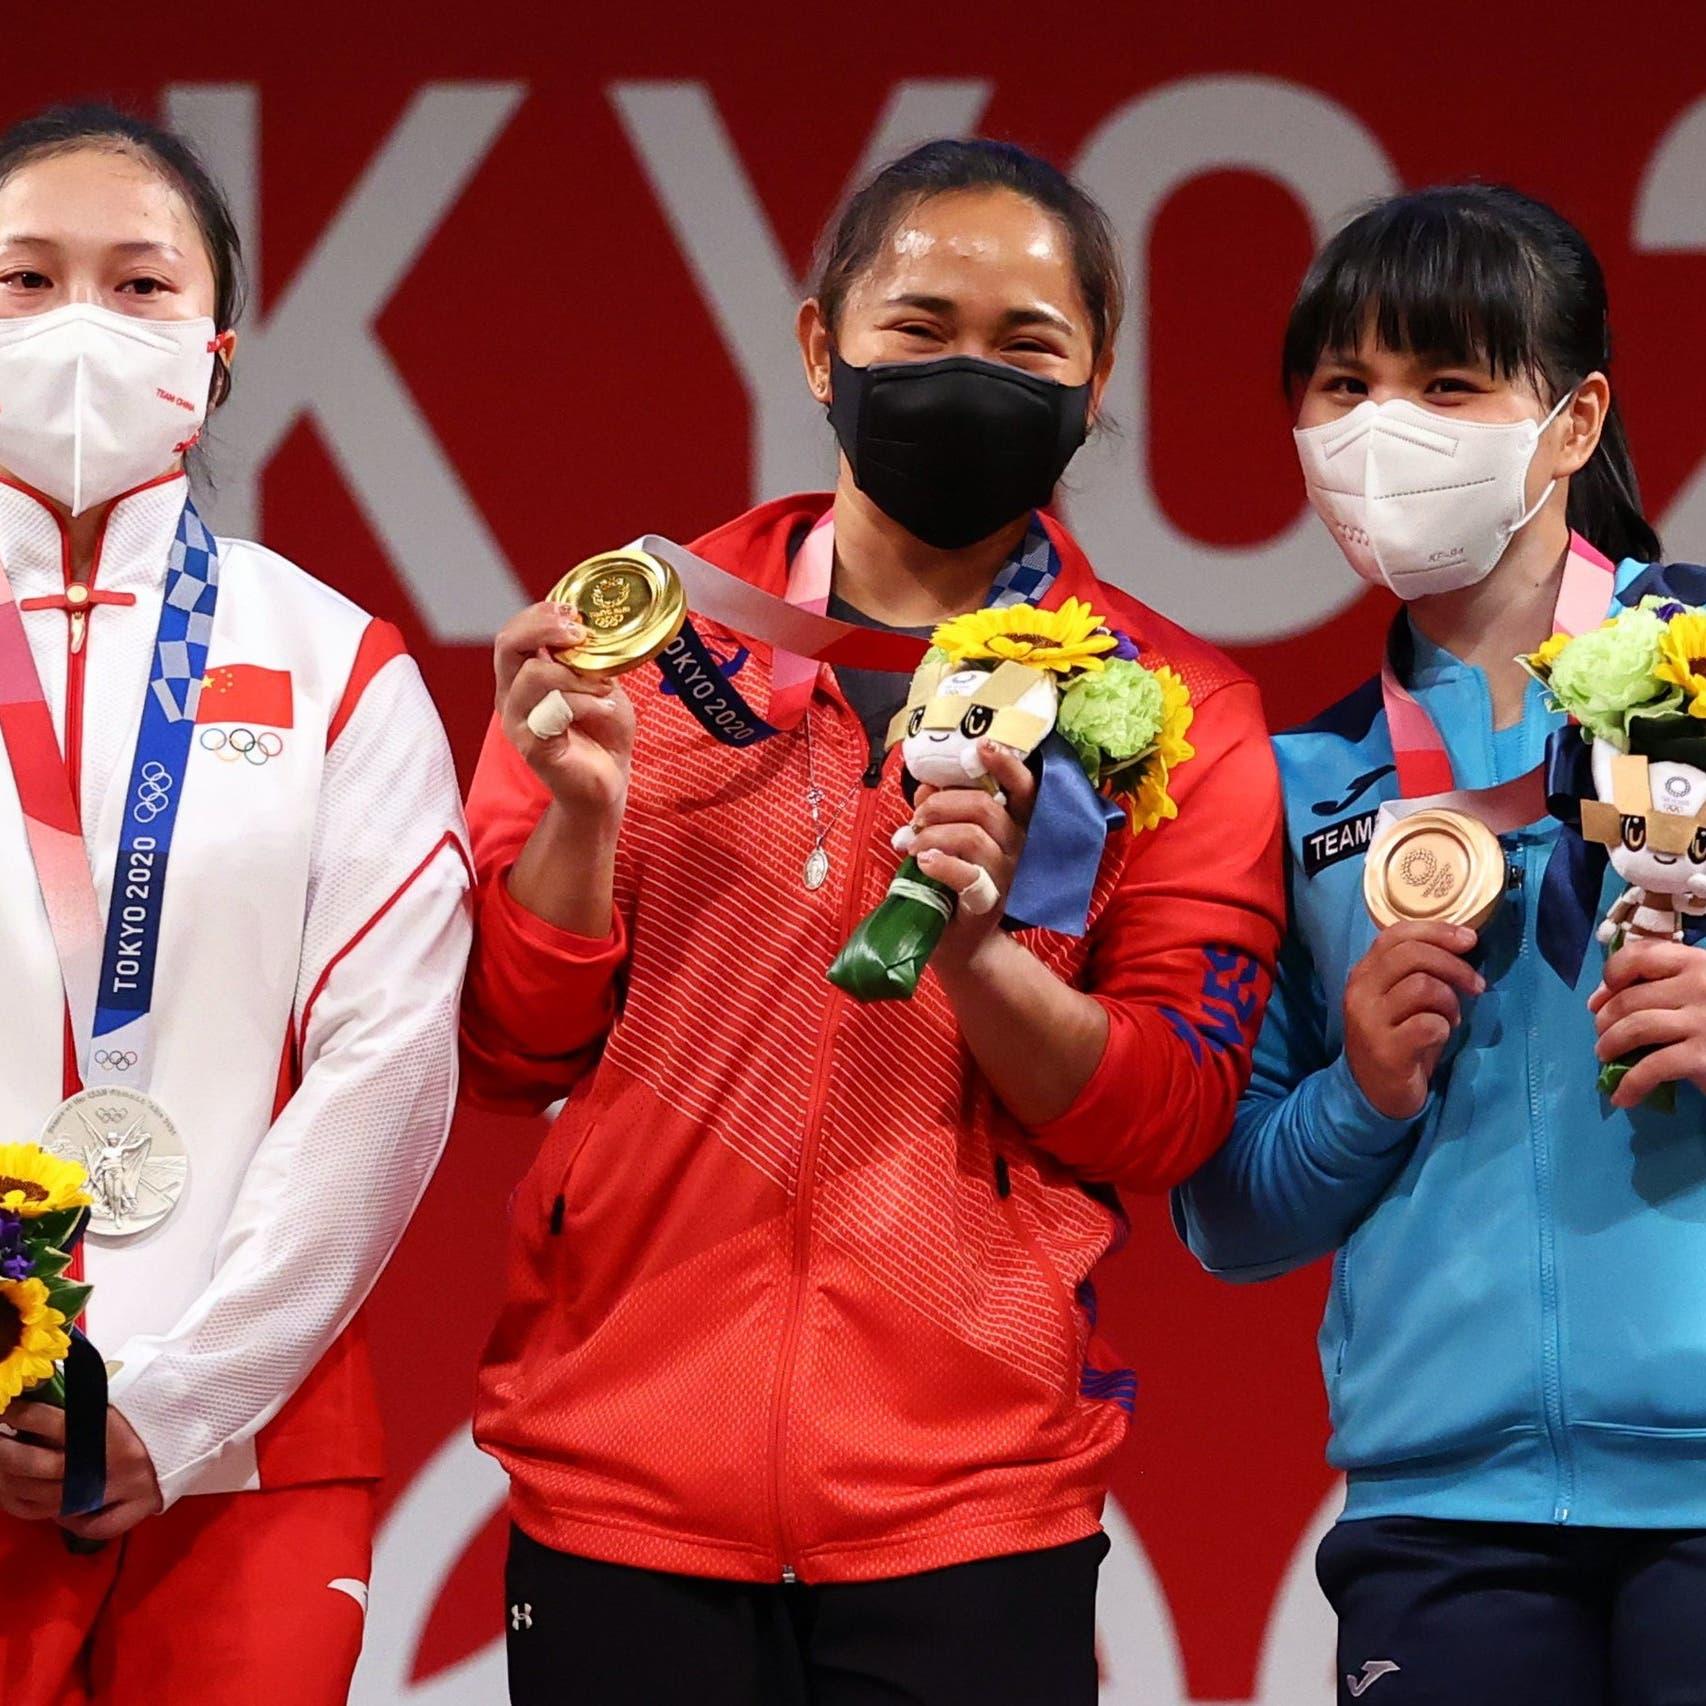 كم يجني الرياضيون عند الفوز بالميداليات الأولمبية؟